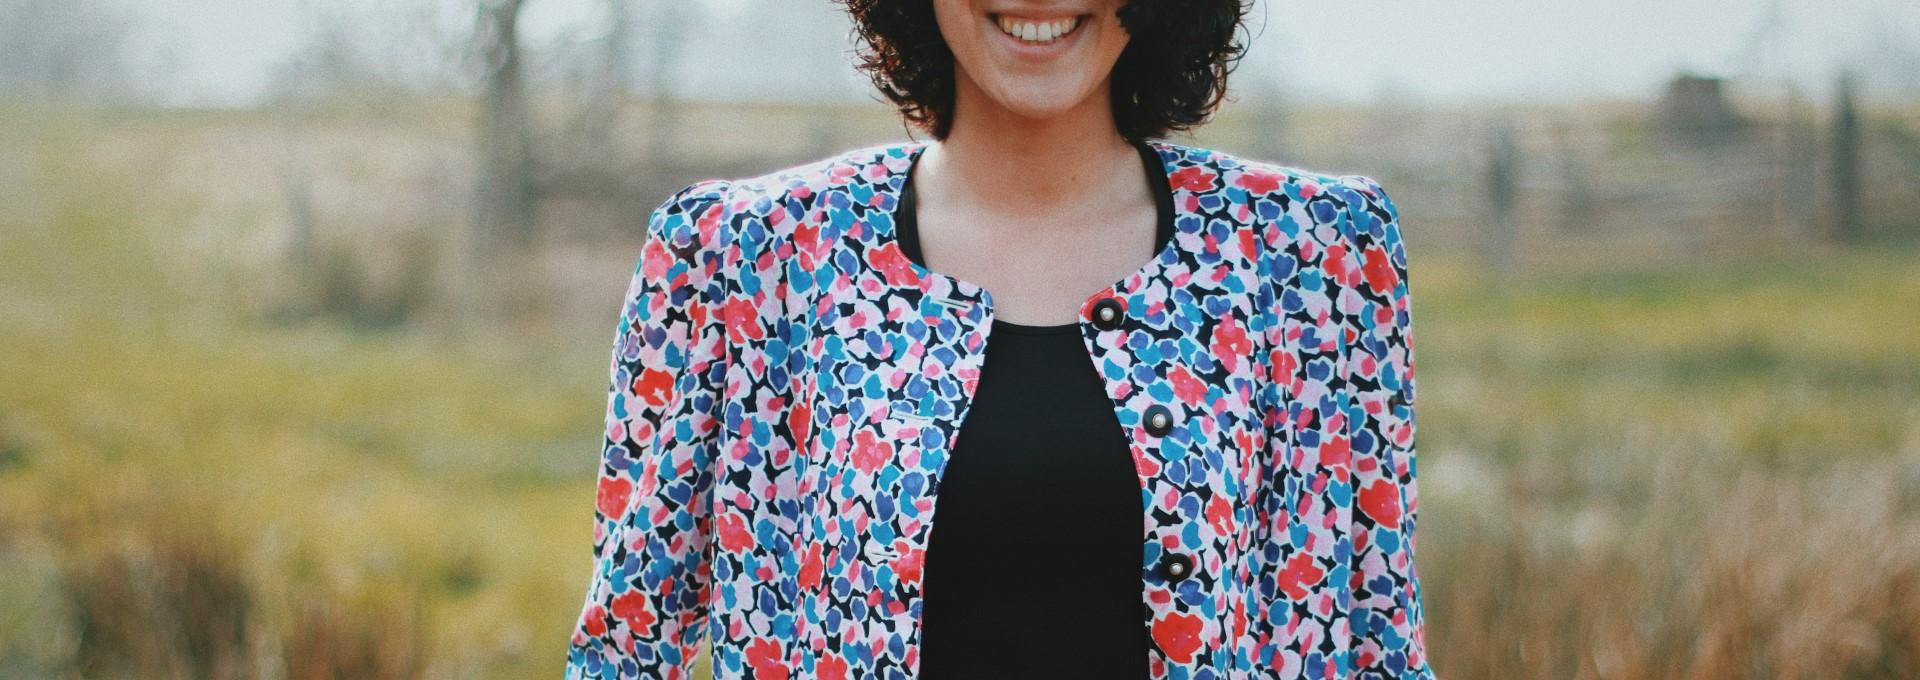 stunning vintage - vintage mode onlineshop - vintage kleider